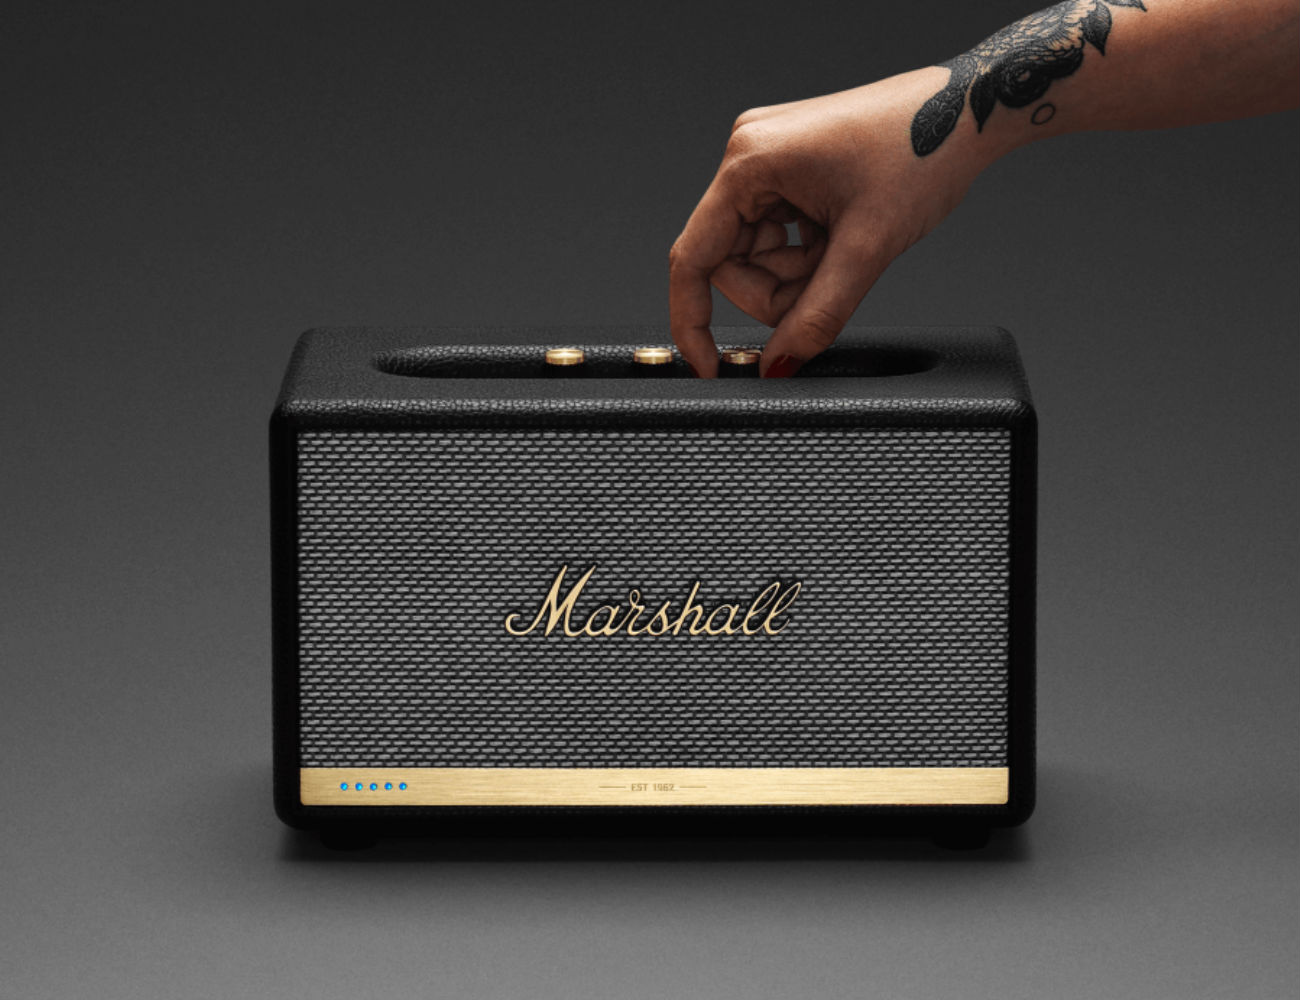 Marshall Acton II Voice Alexa Speaker